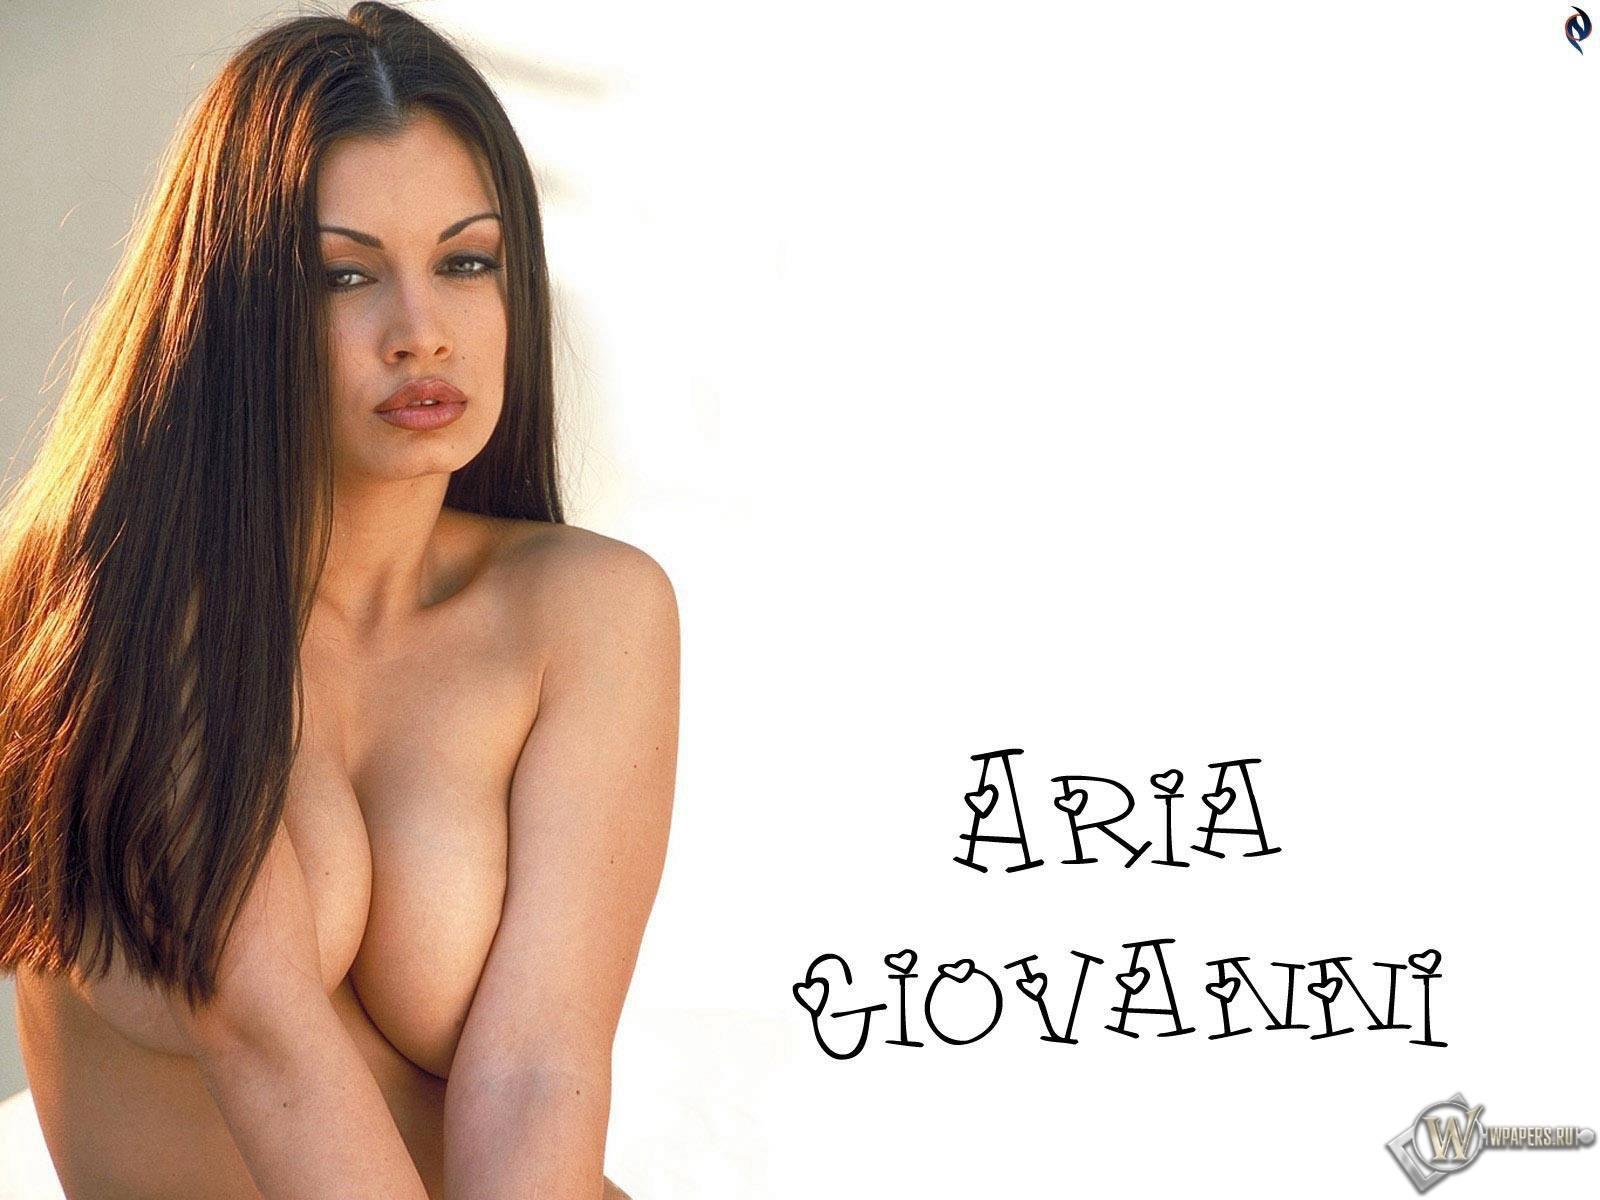 aria giovanni скачать с торрента фотографии